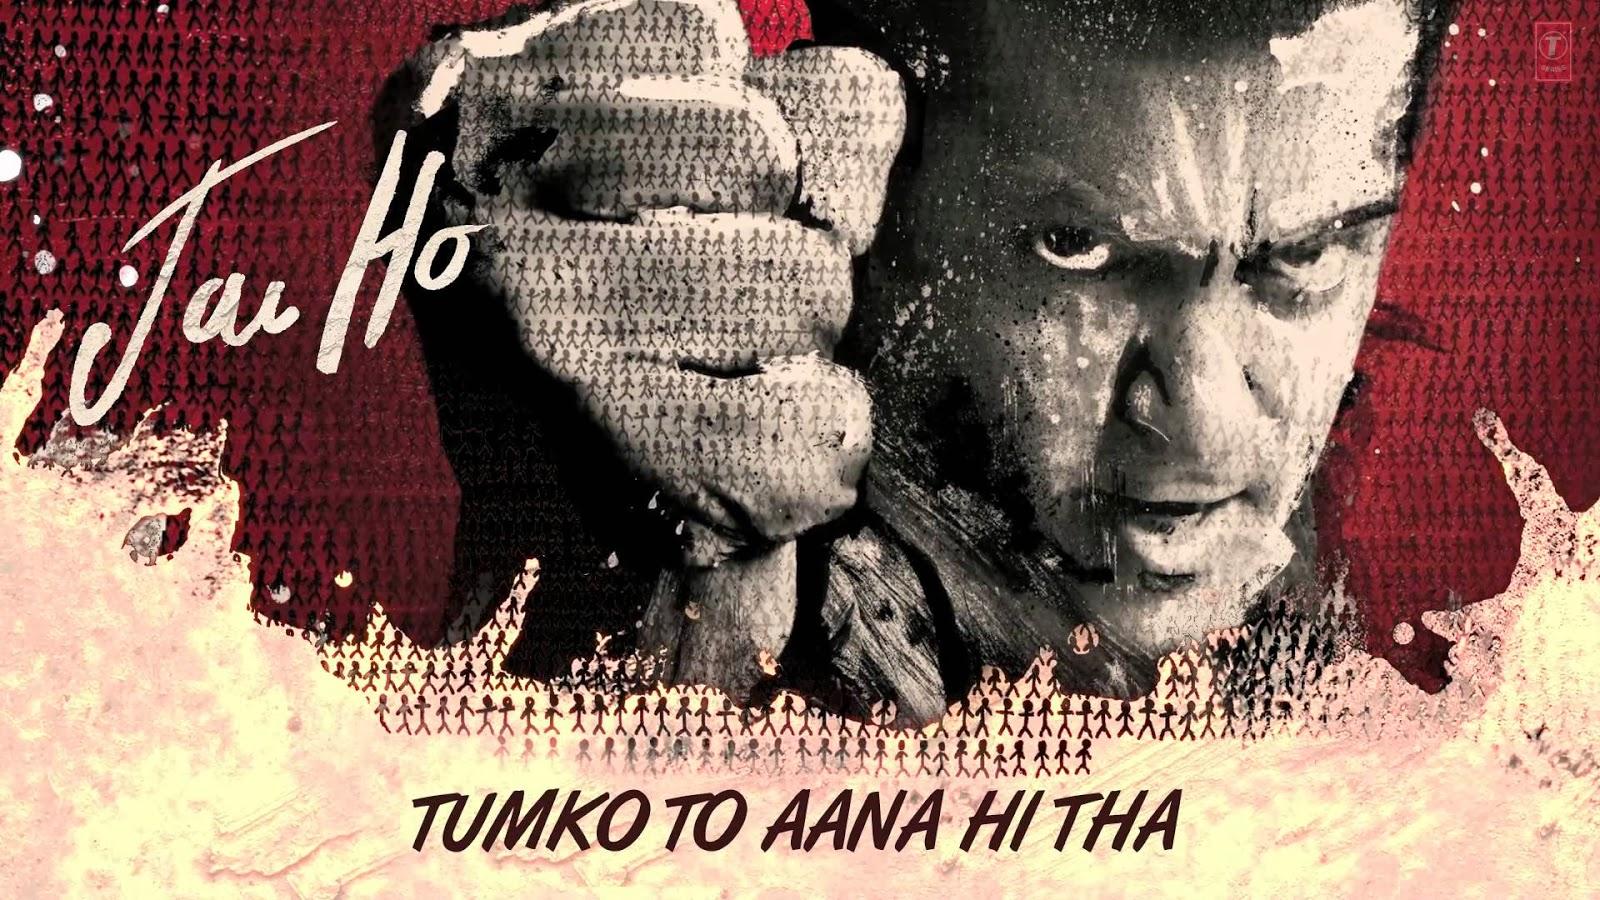 tum-ko-toaana-hi-tha-jai-ho-2014